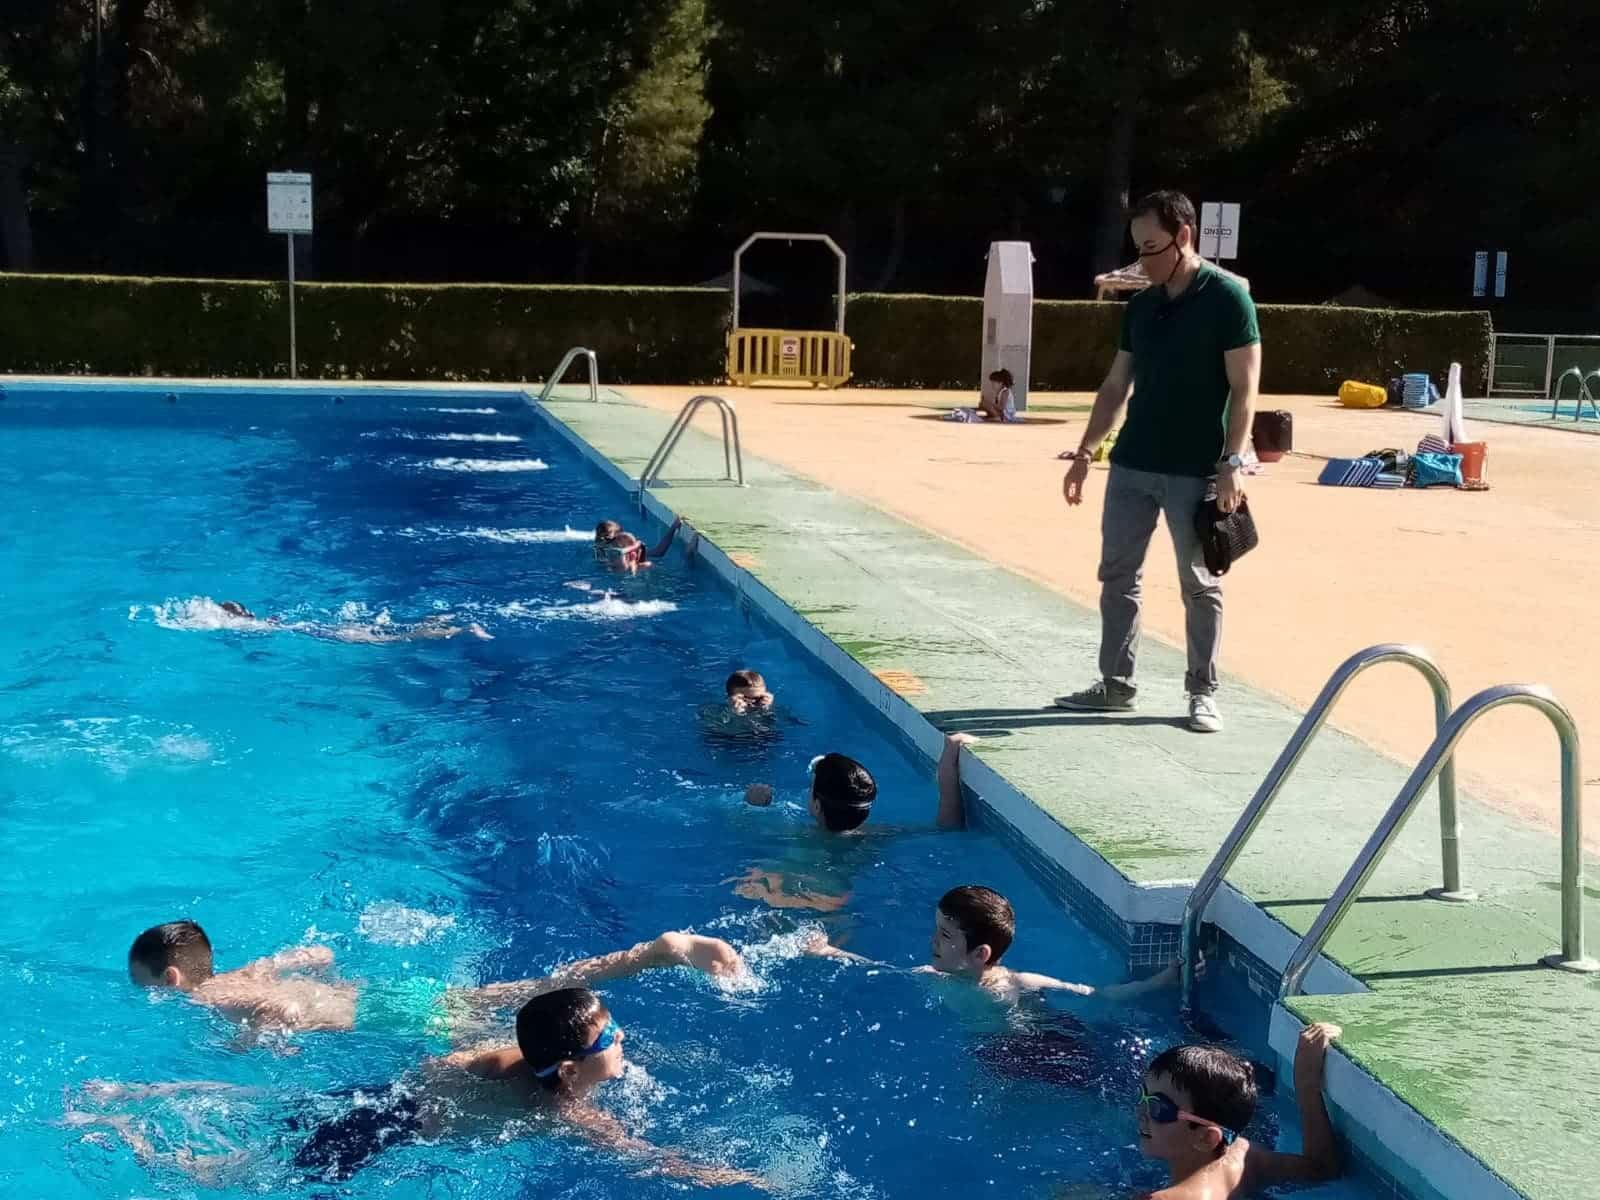 Los cursillos de natación comienzan en Herencia con seguridad 8